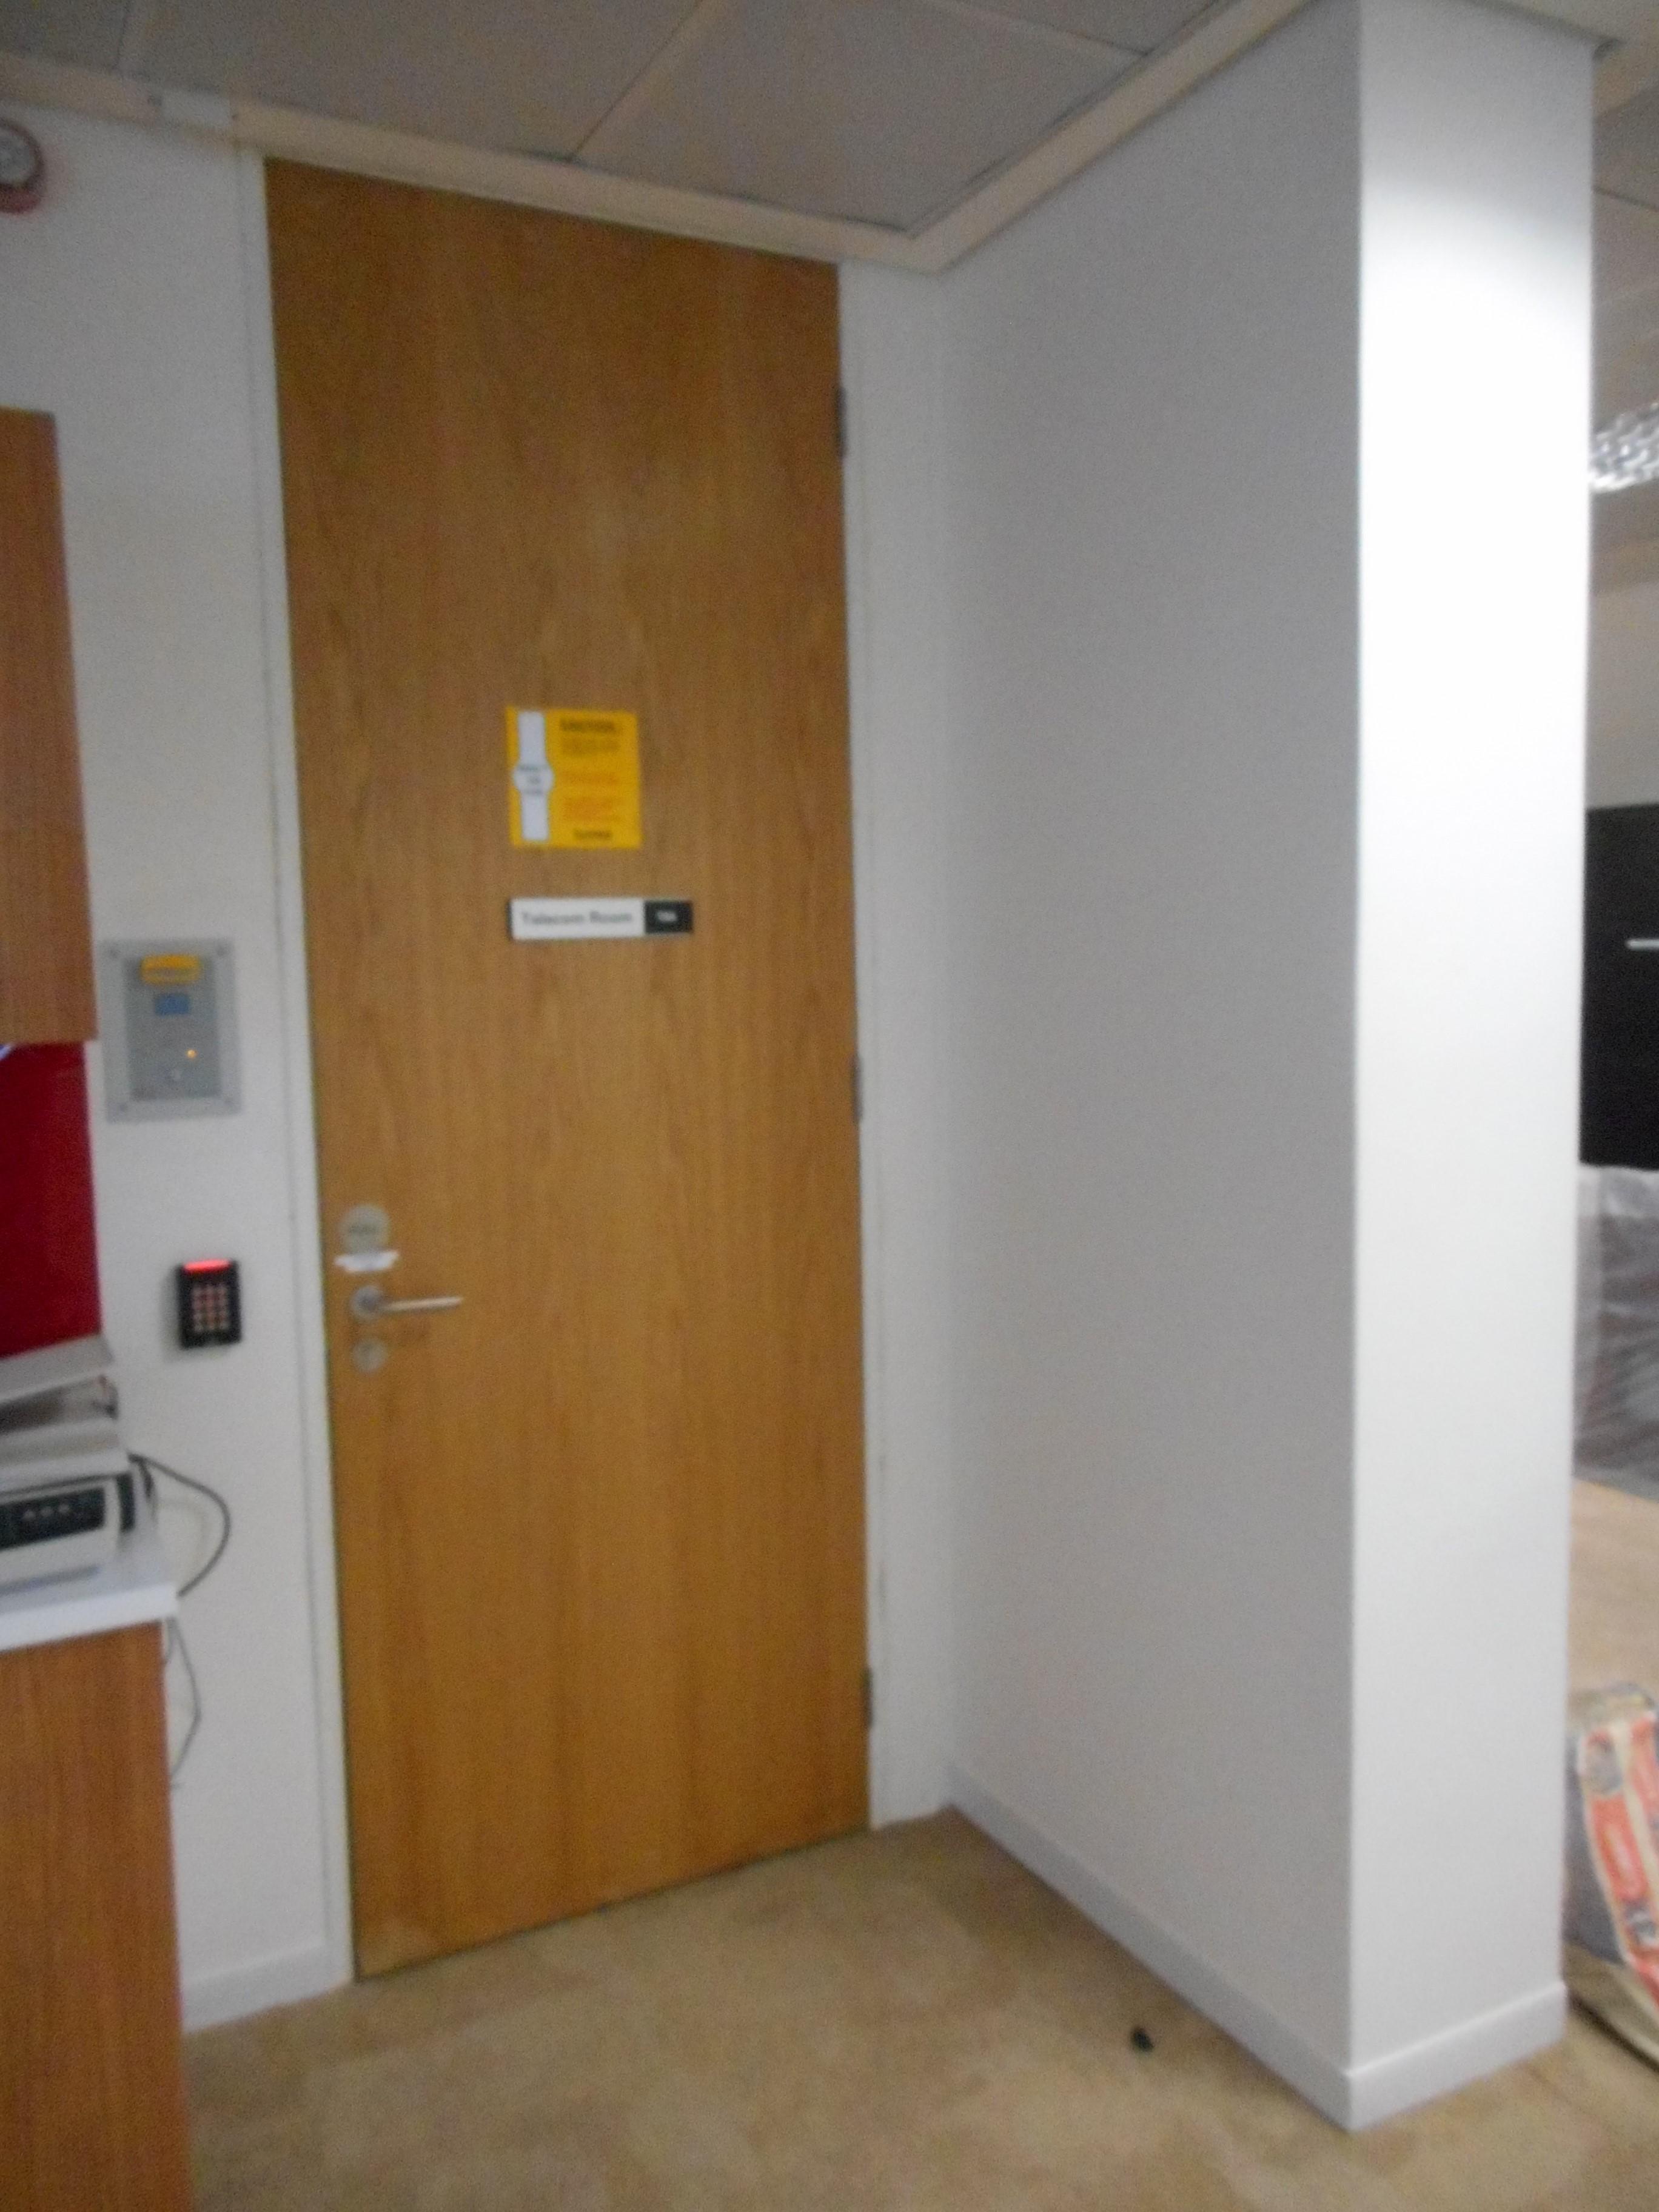 Fastwall fire door